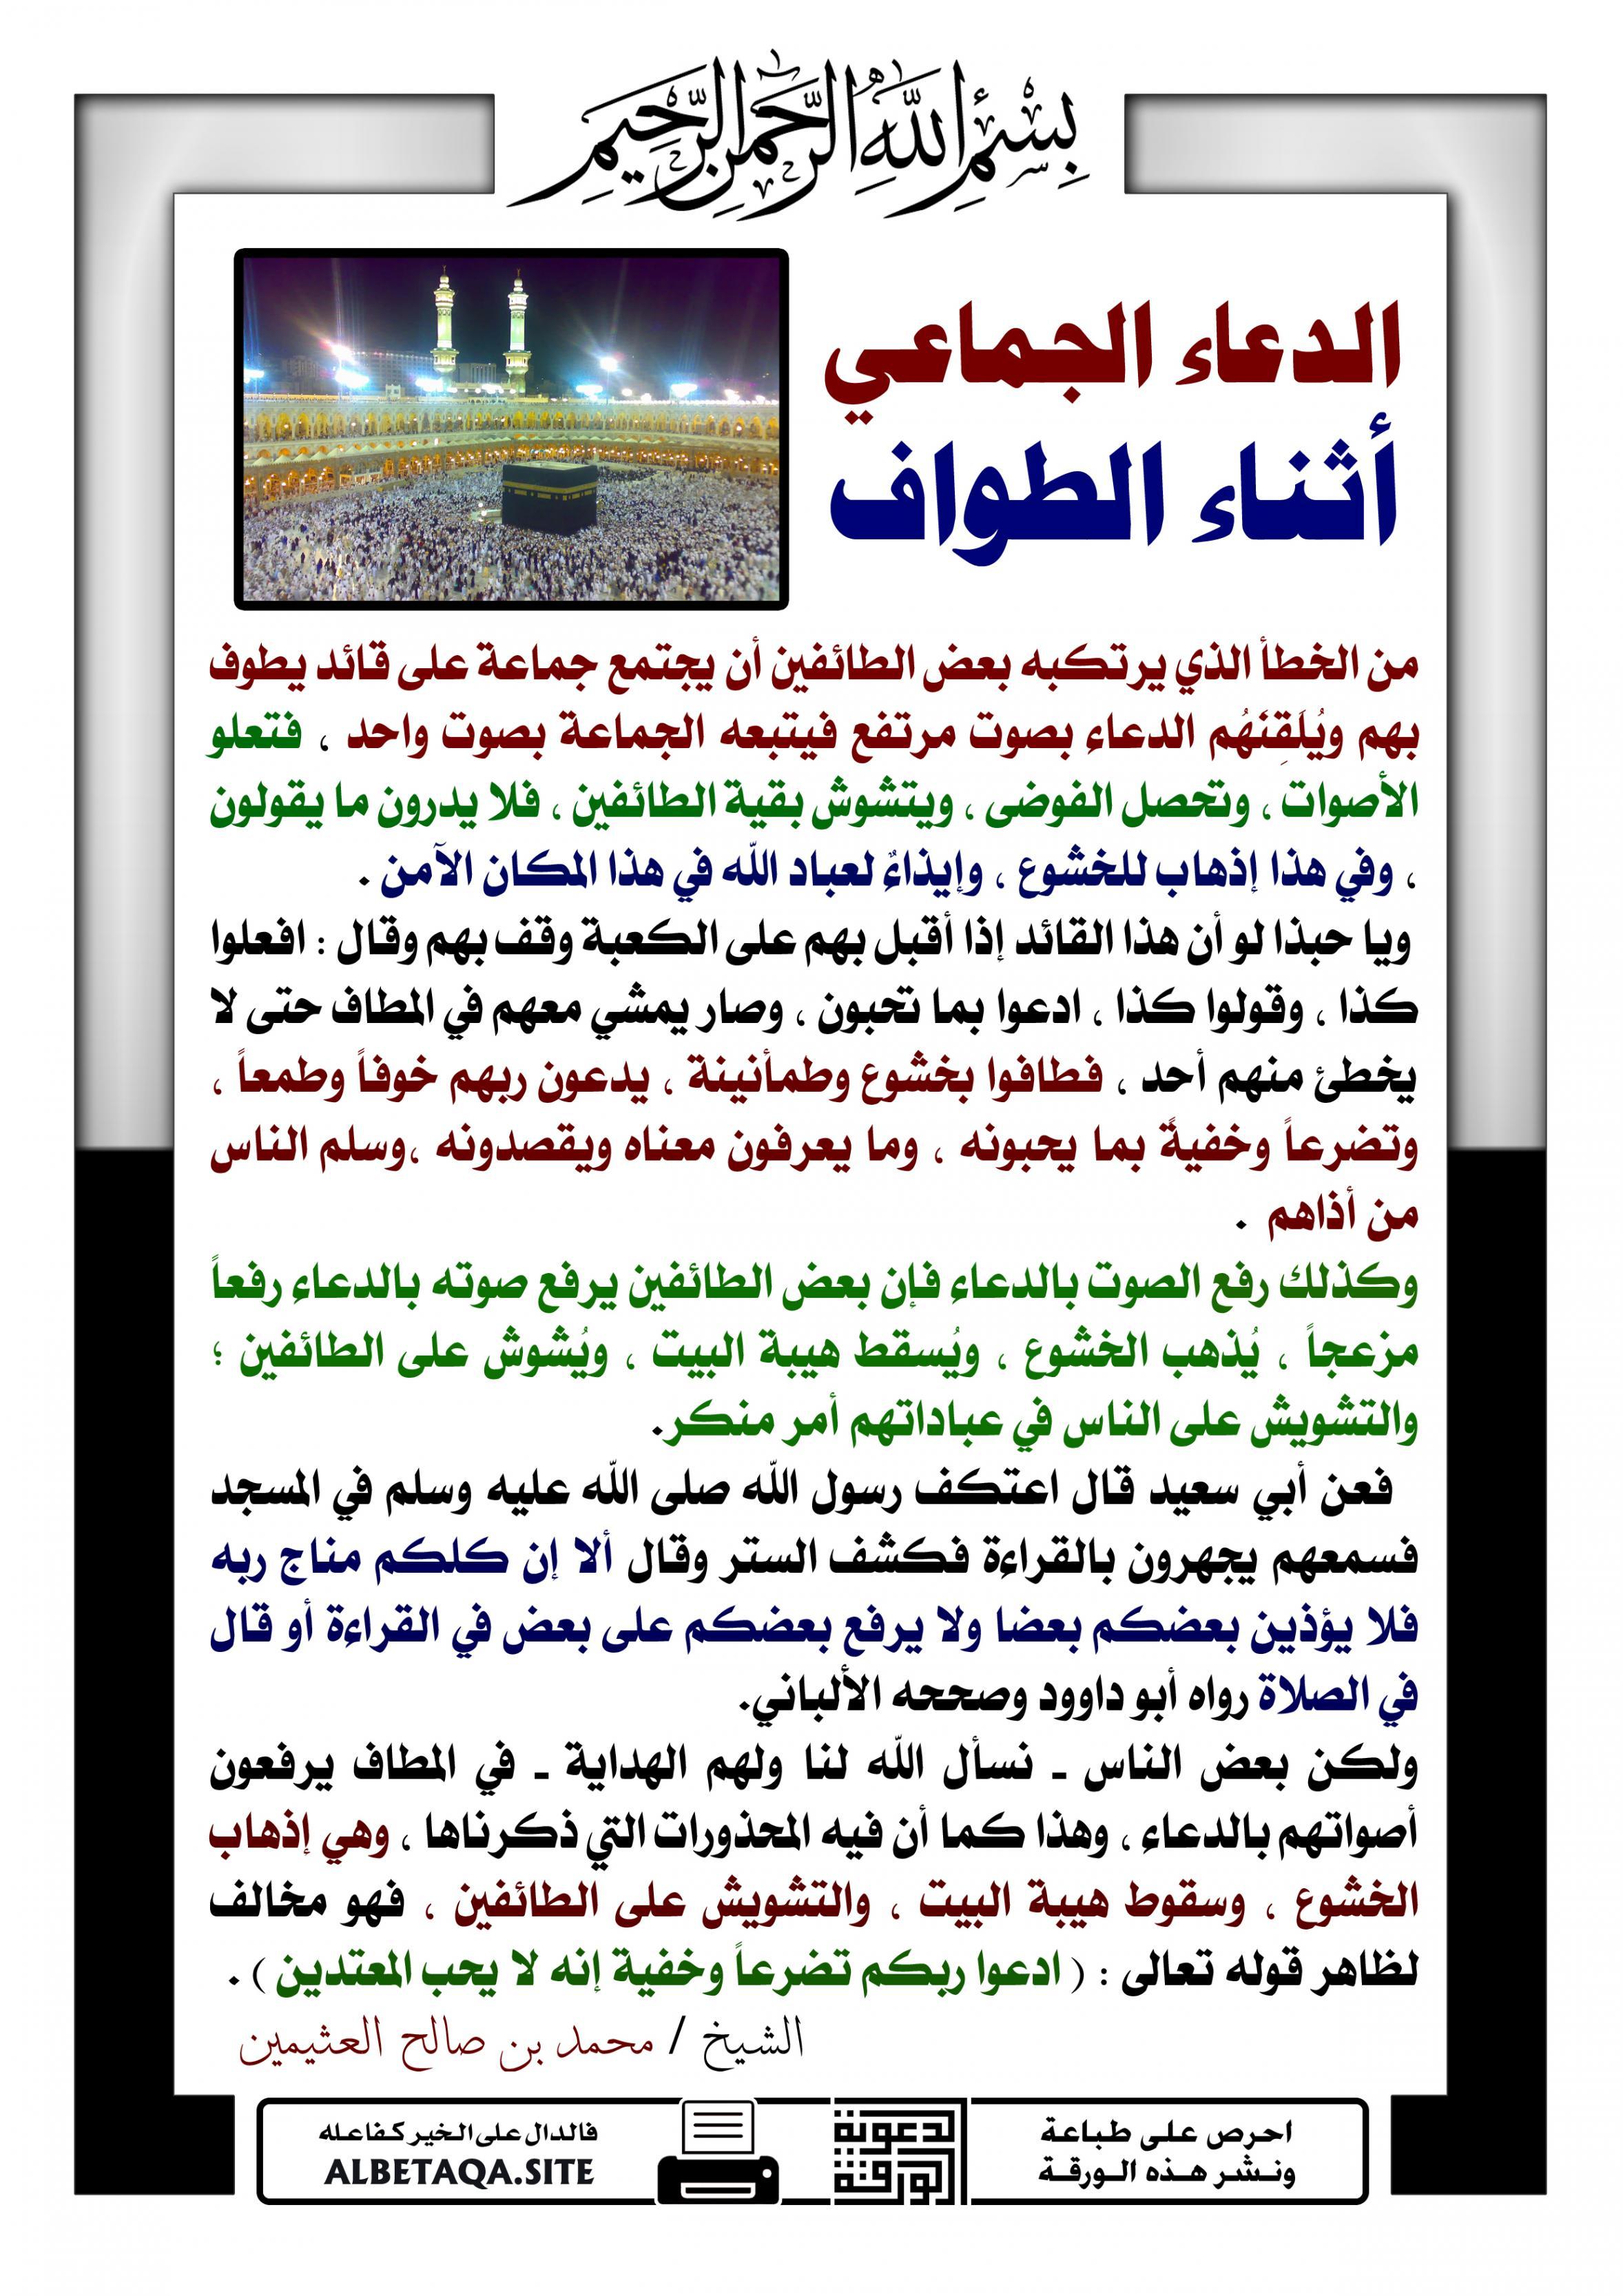 صور دعاء العمرة , ادعية زيارة البيت الحرام